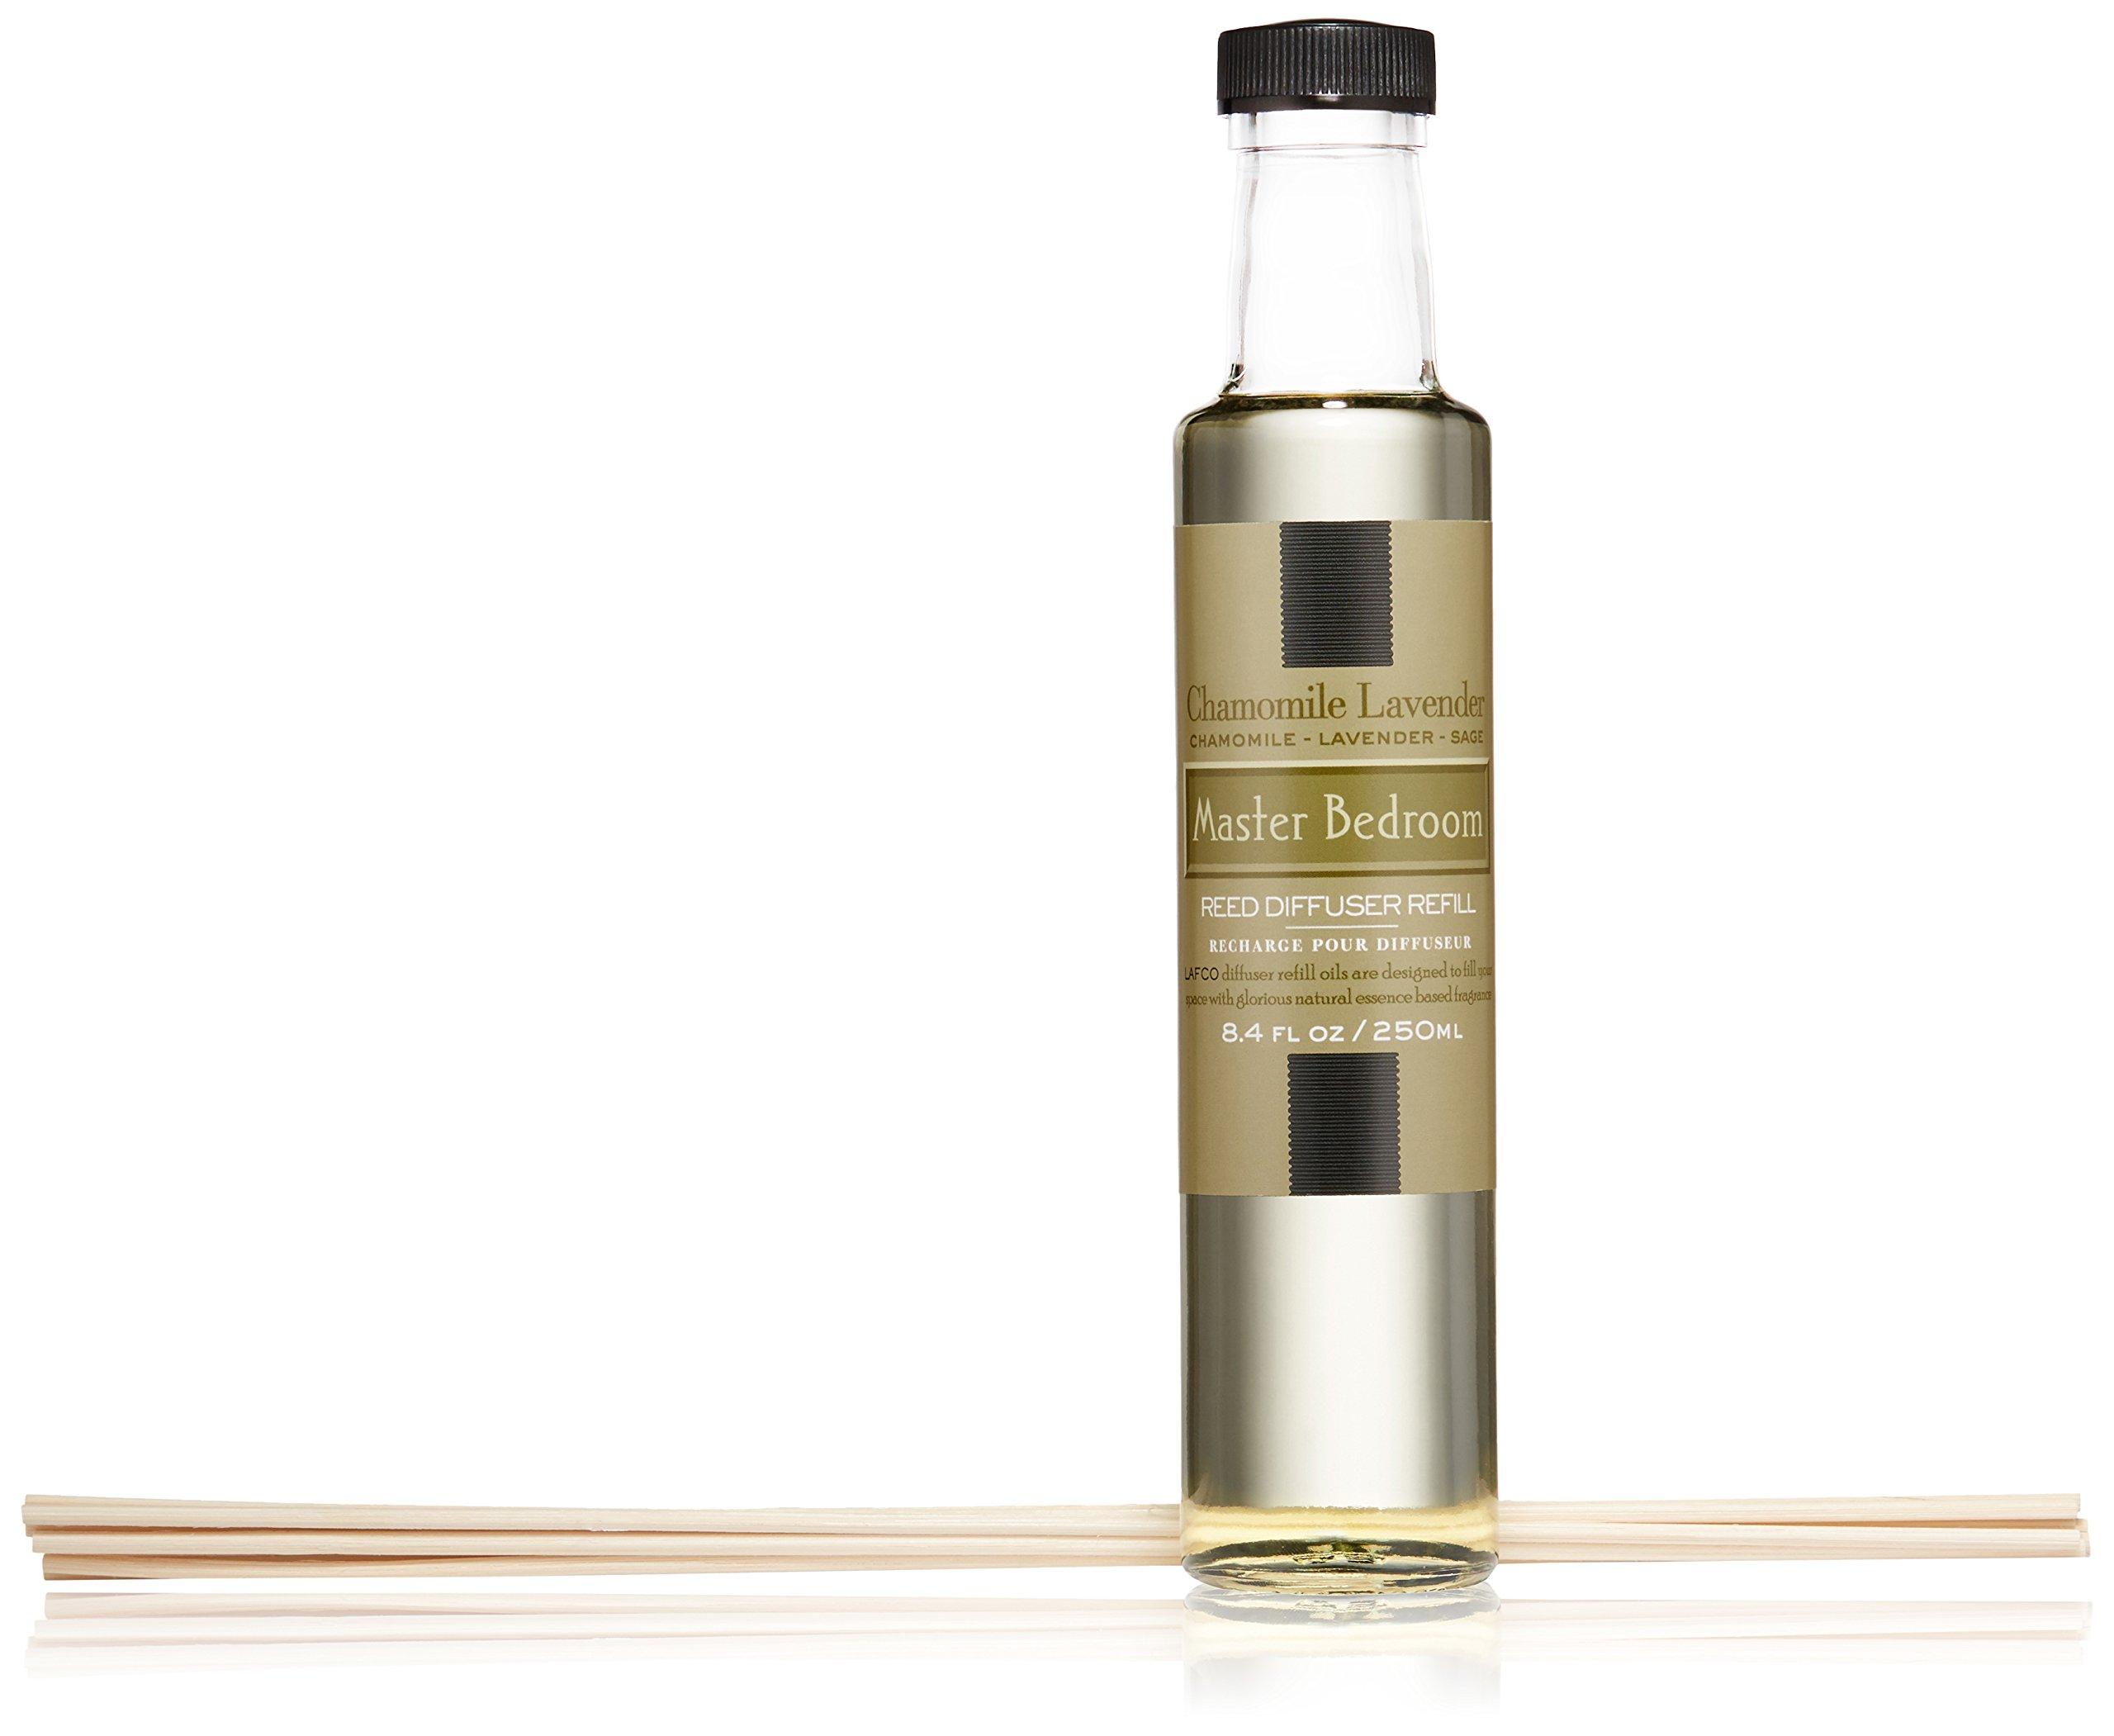 LAFCO Diffuser Refill, Chamomile Lavender, 8.4 fl. oz. by LAFCO